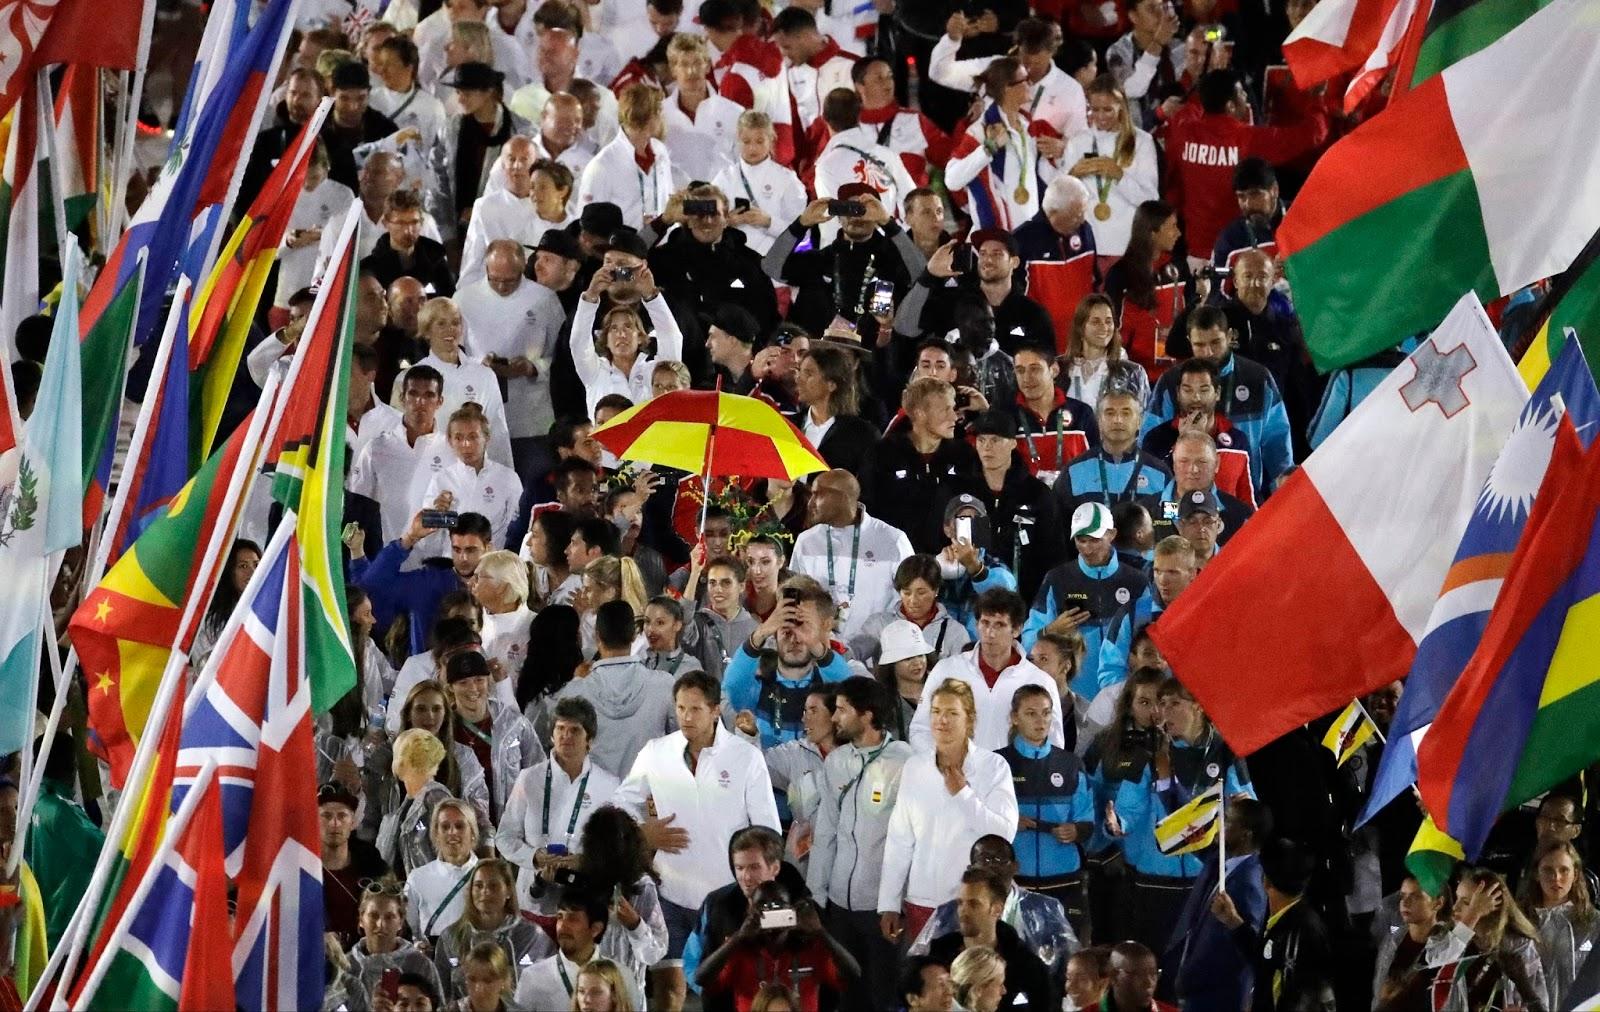 RIO OLYMPICS 2016 CLOSING CEREMONY 17